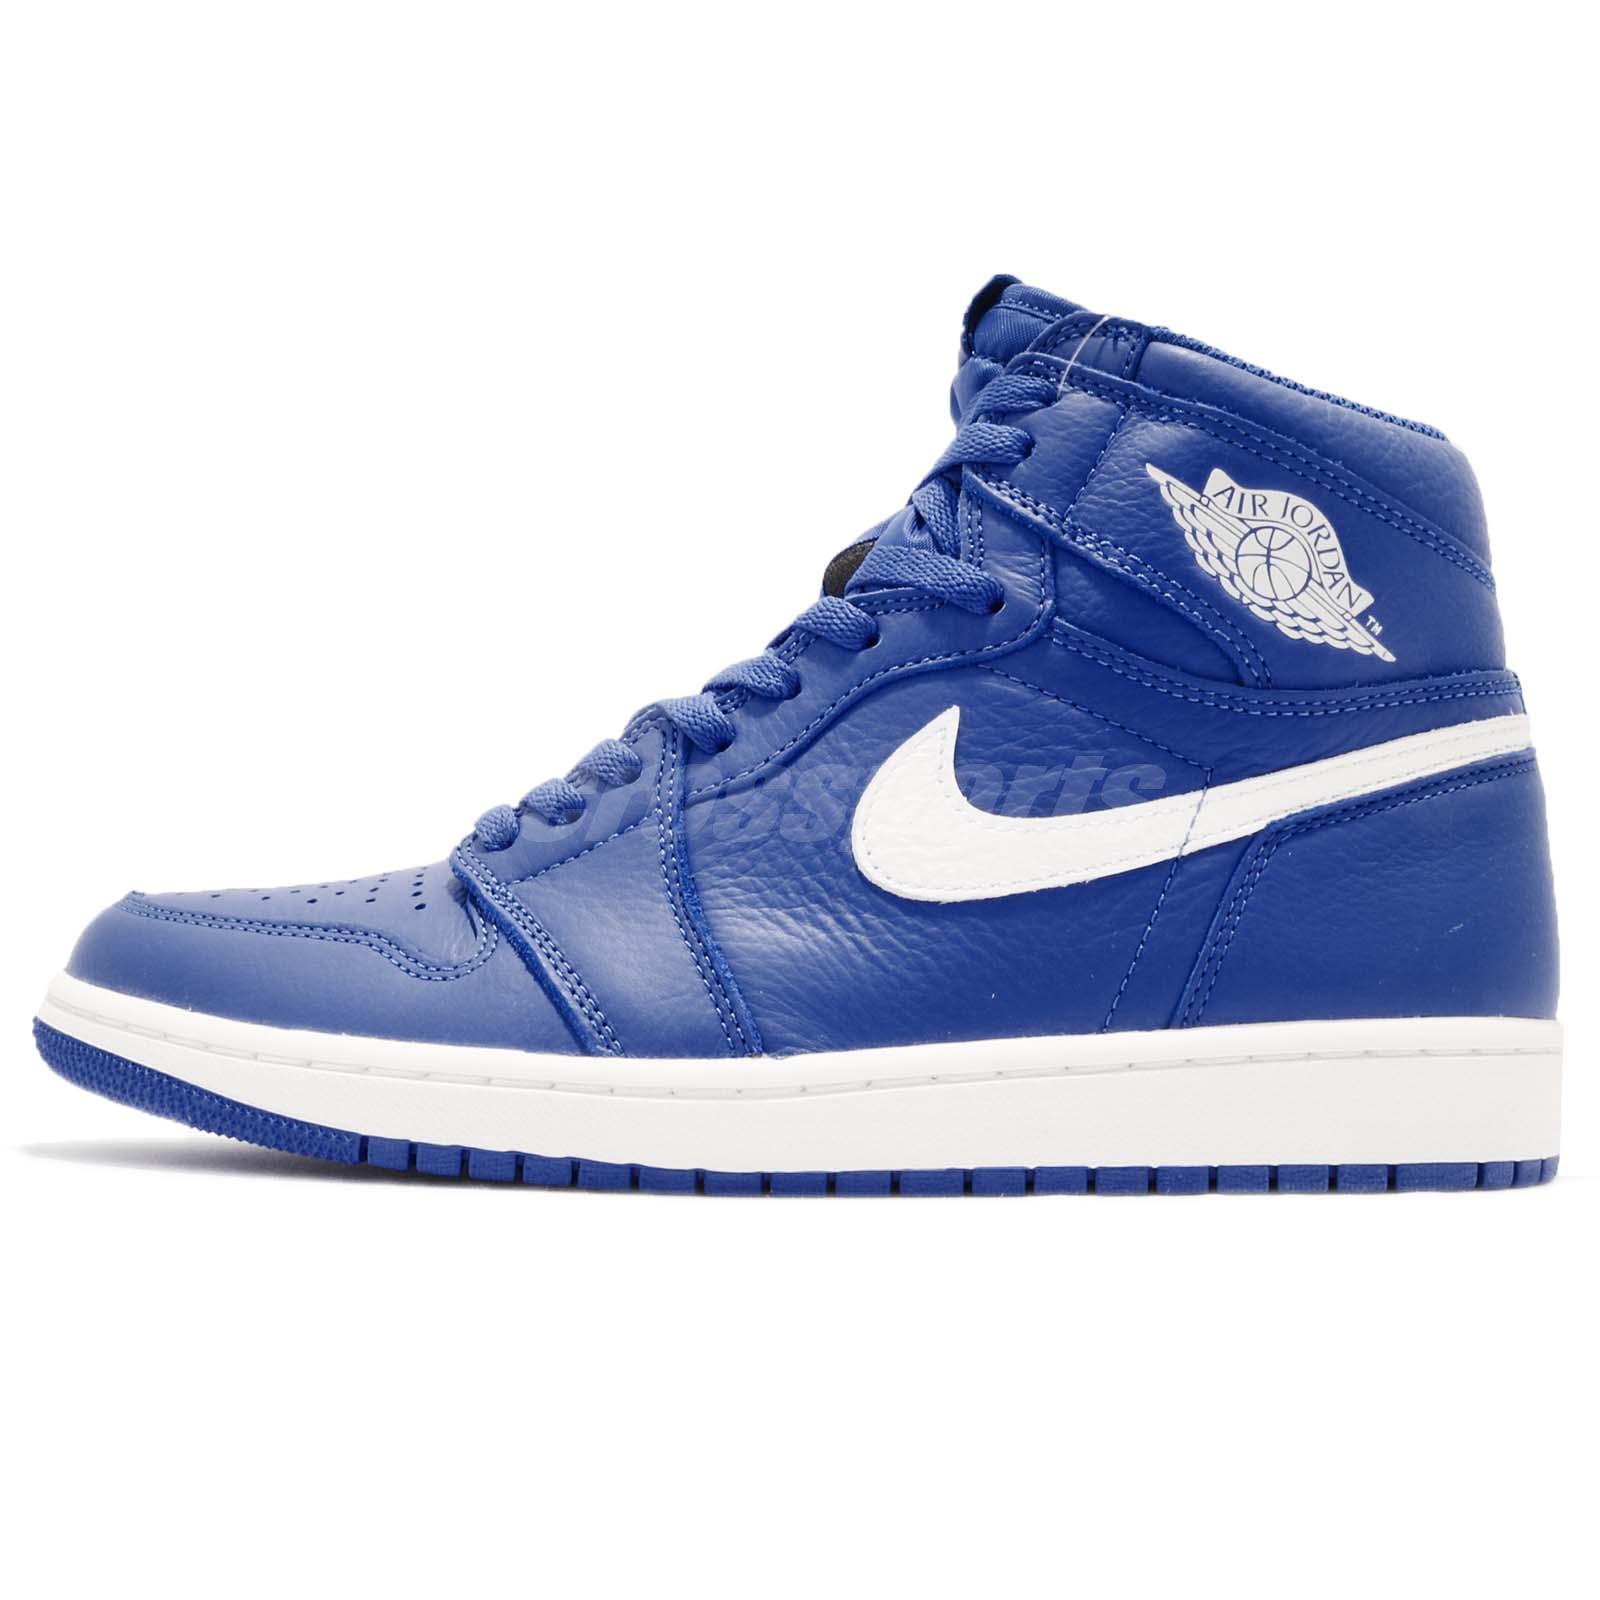 54e84044d32738 Nike Air Jordan 1 Retro High OG I AJ1 Hyper Royal Sail Men Shoes 555088-401